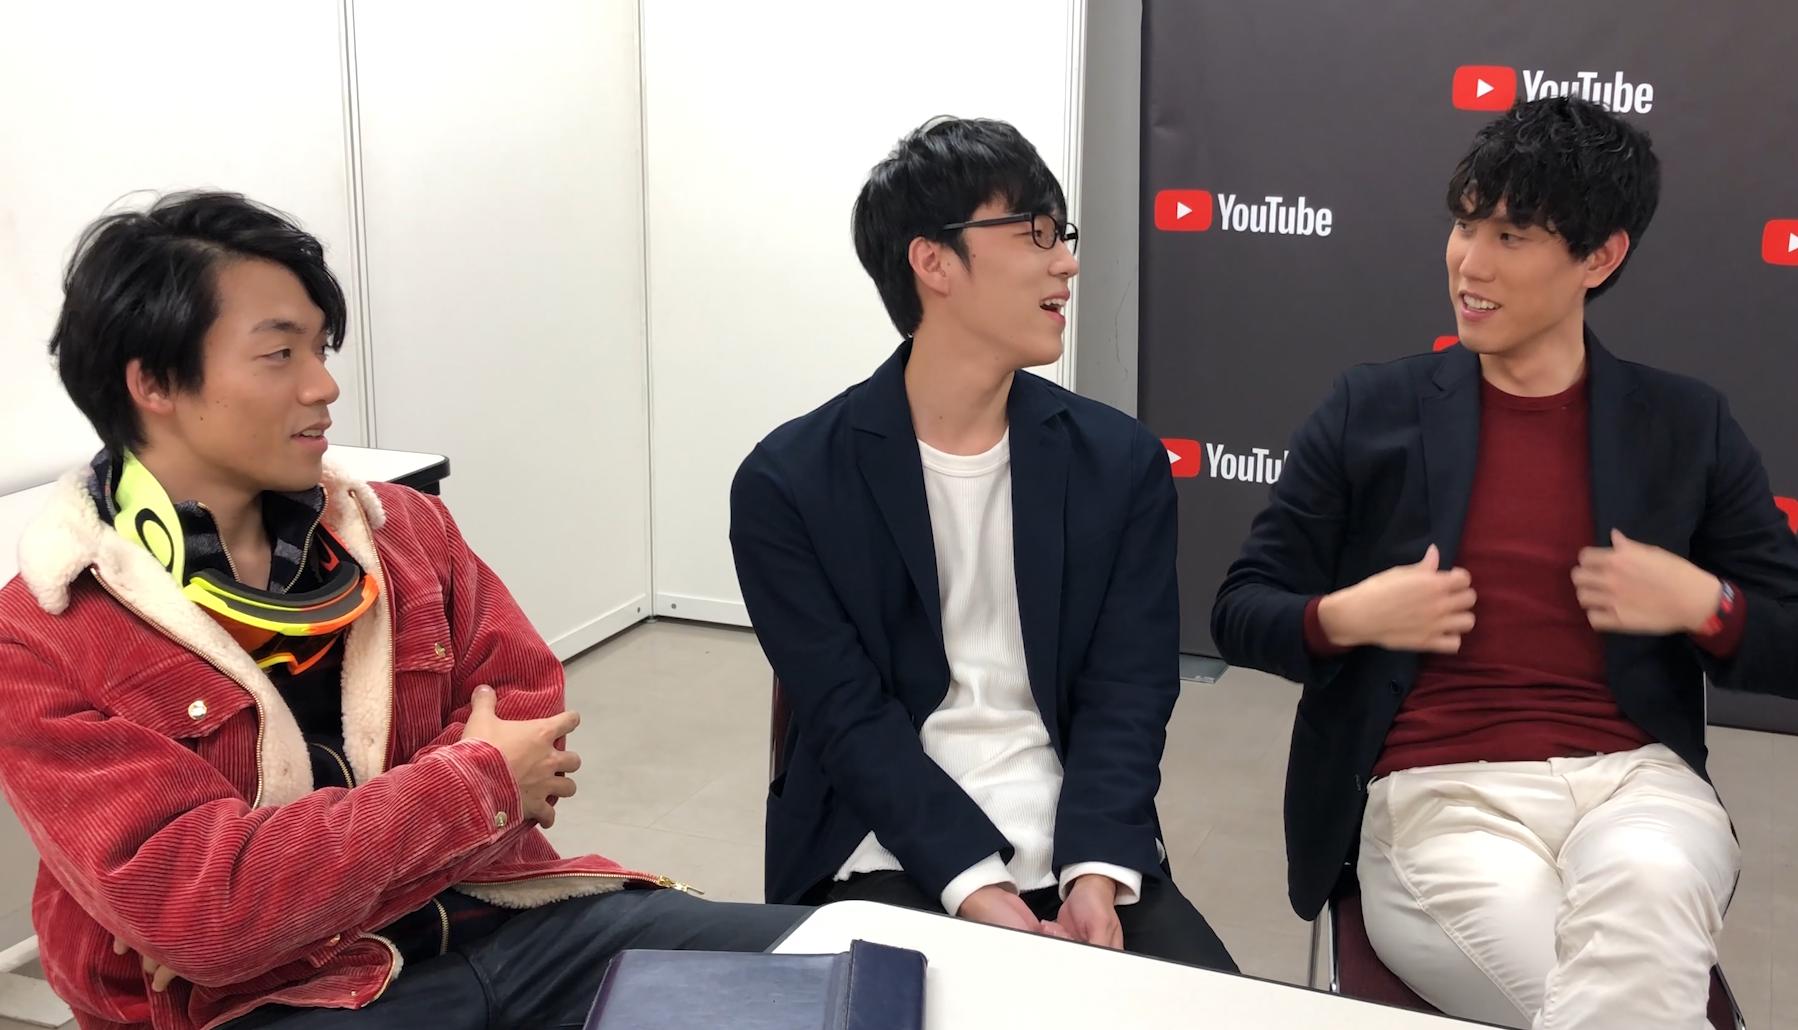 左起伊澤拓司先生、福良拳先生、網站寫手須貝駿貴先生